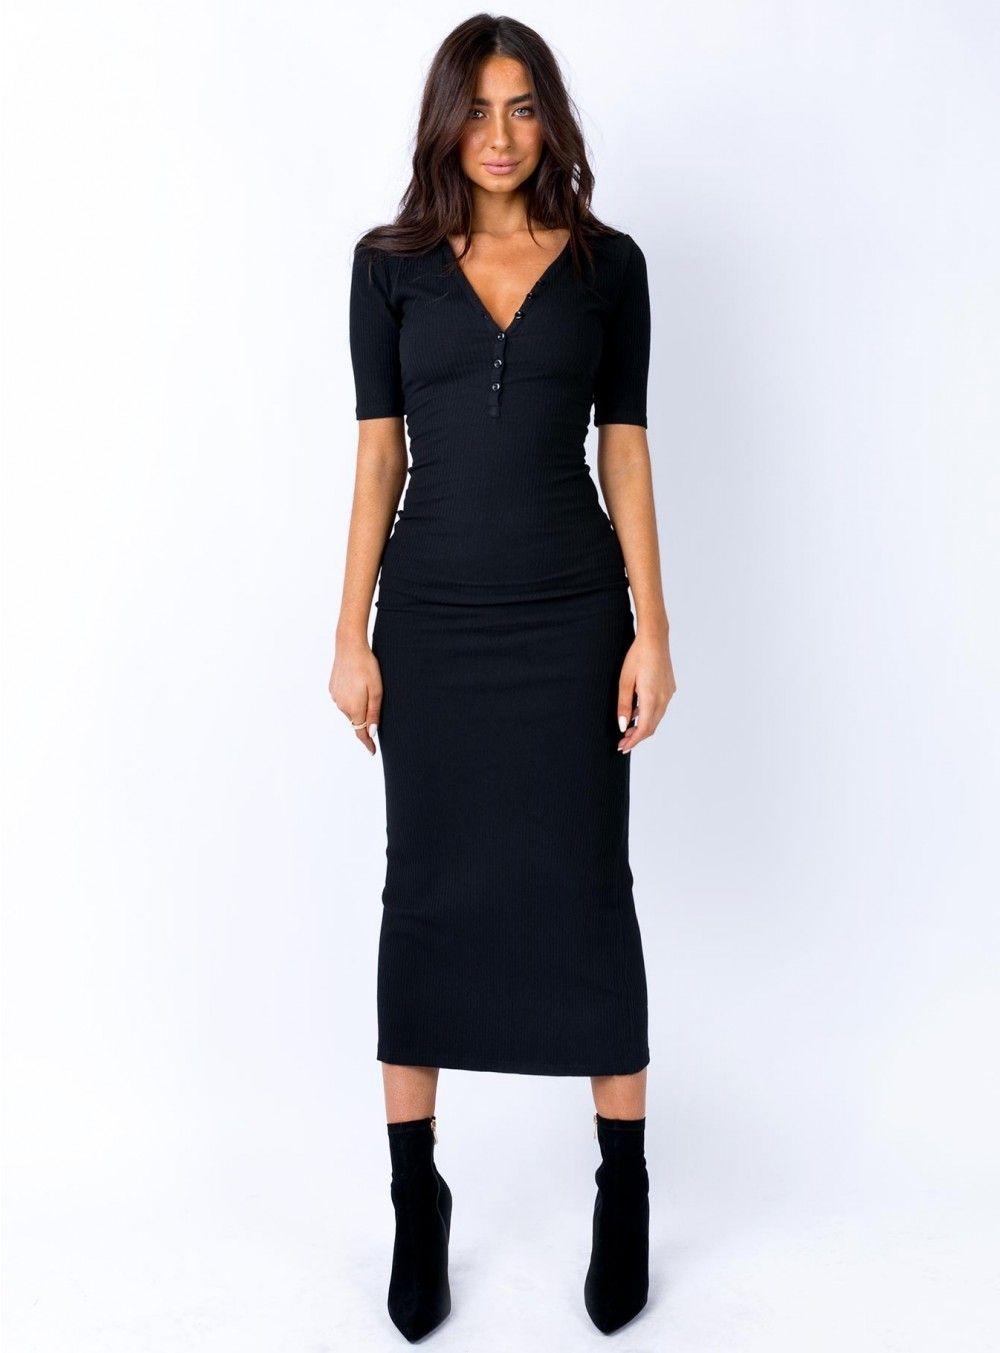 Chanted Midi Dress Black Midi Dress Stretch Midi Dress Shop Midi Dresses [ 1353 x 1000 Pixel ]